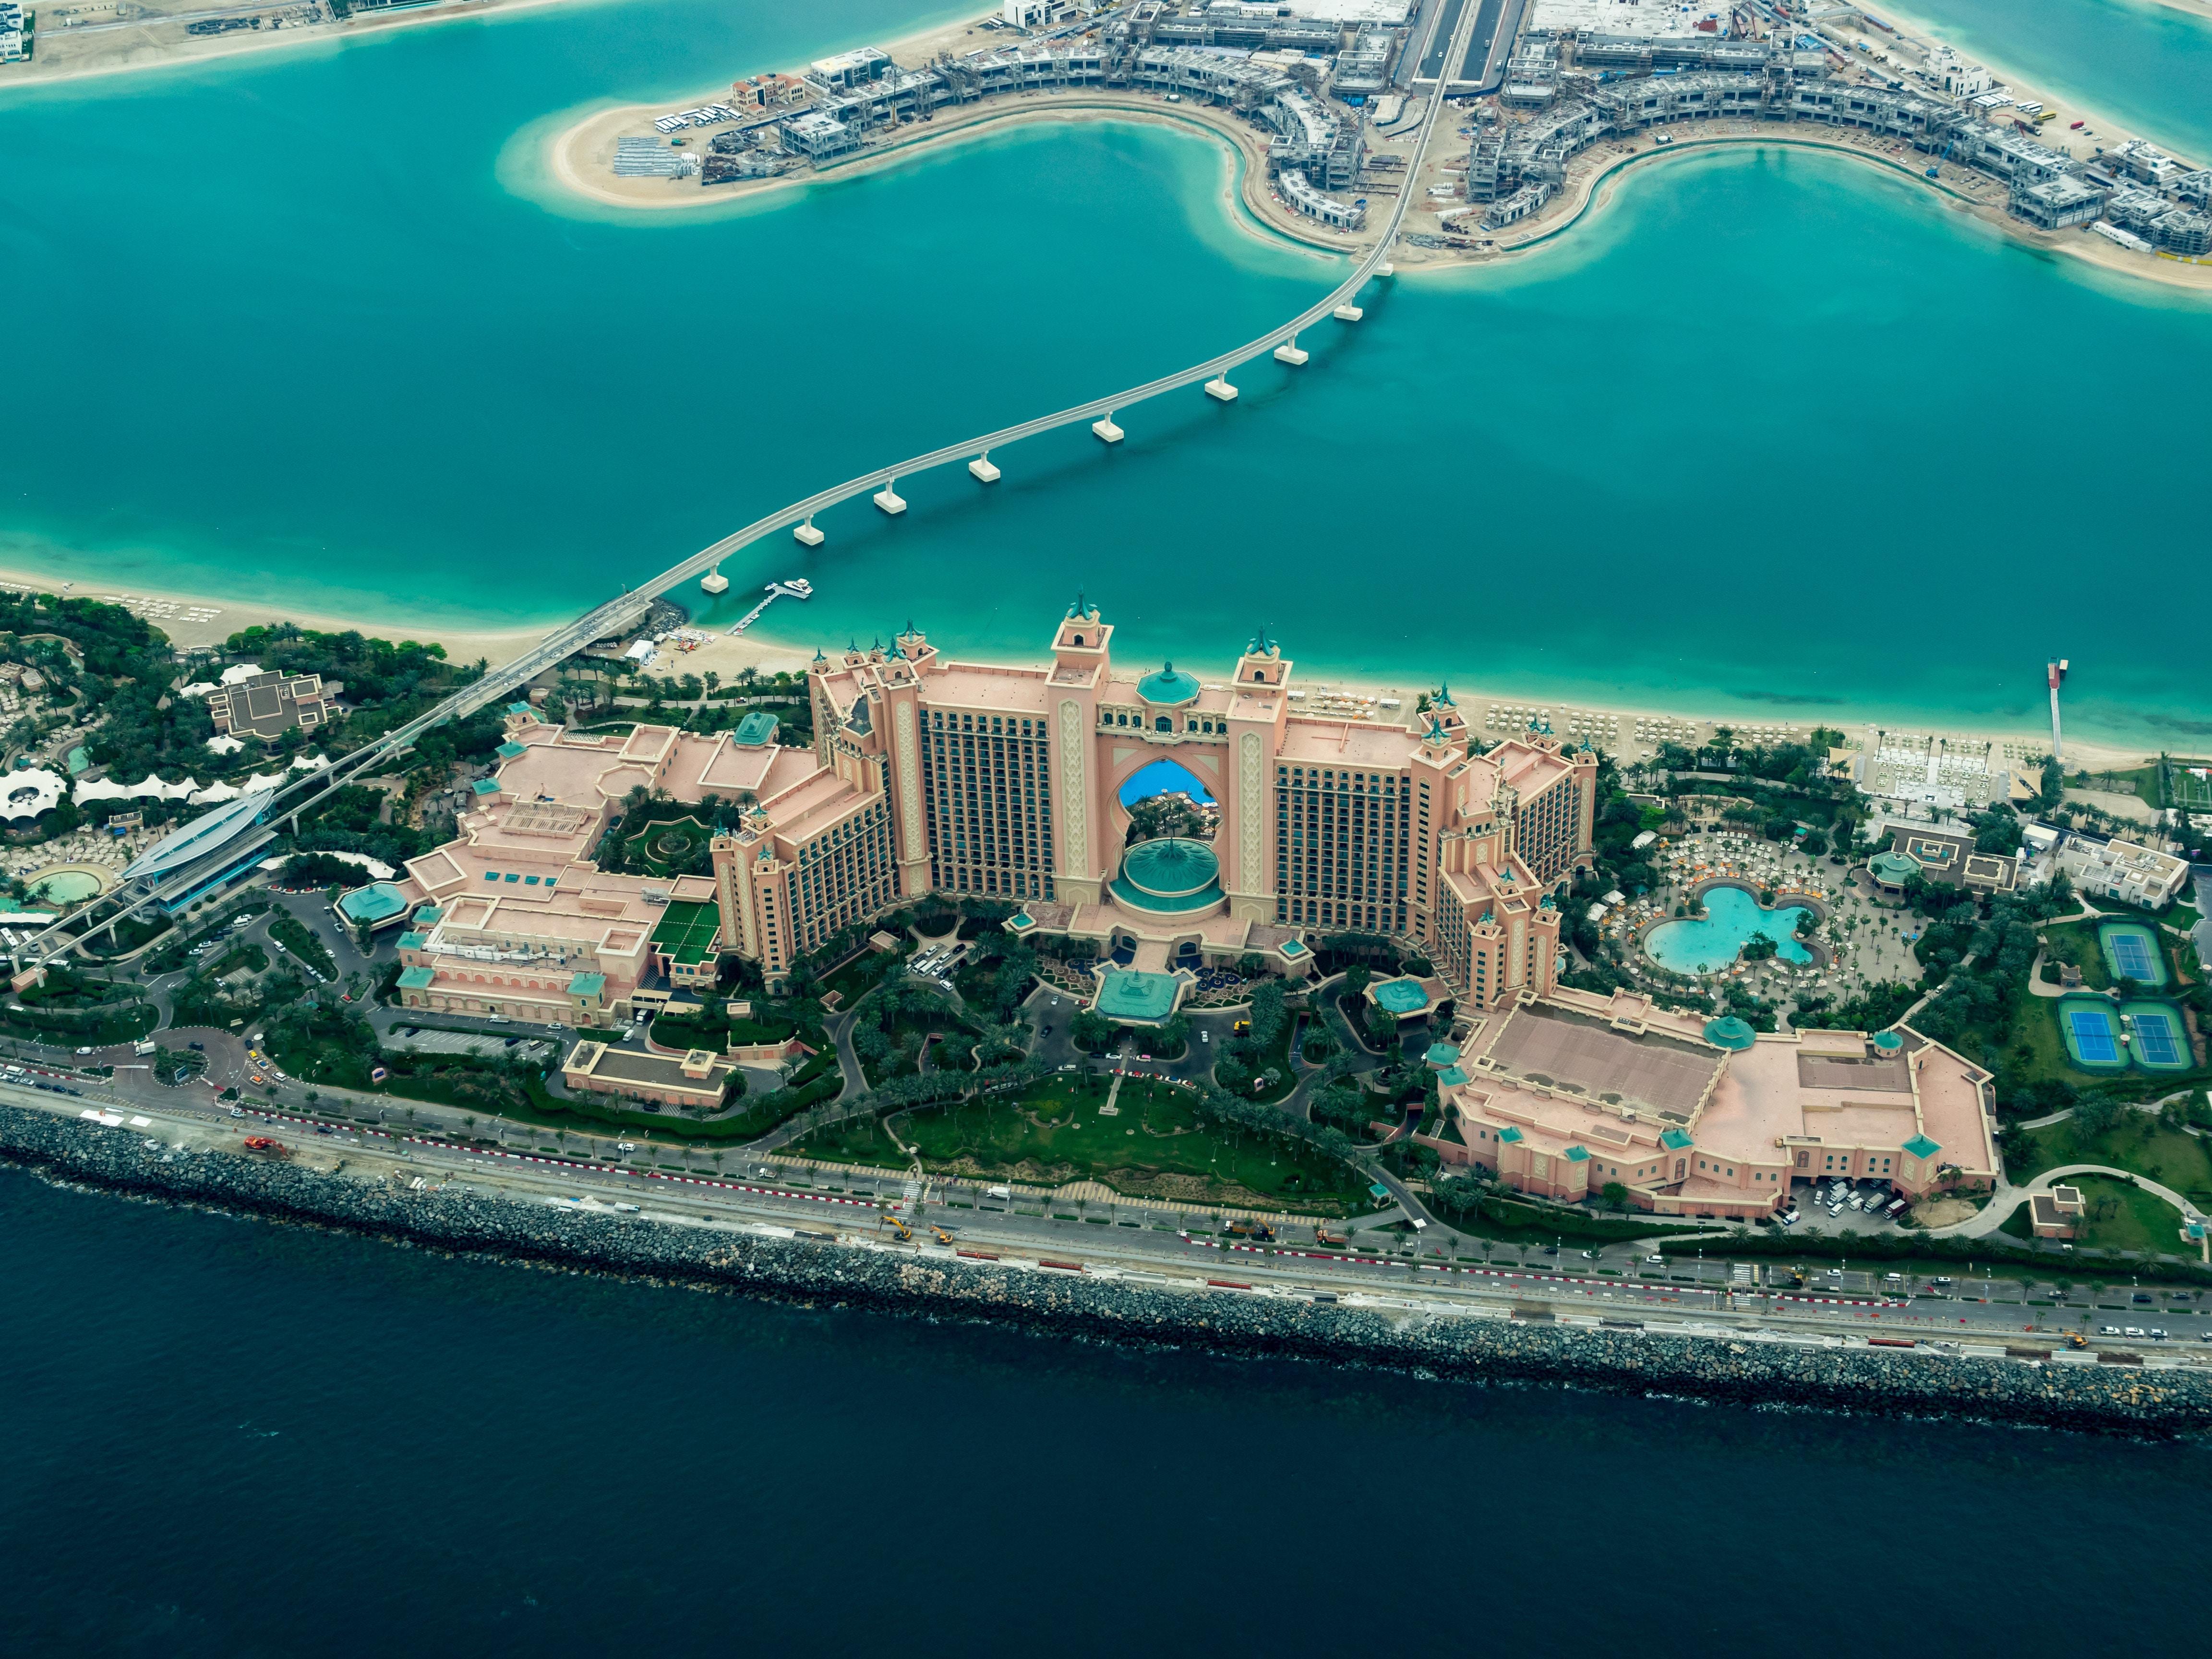 Das wunderschöne Dubai von oben